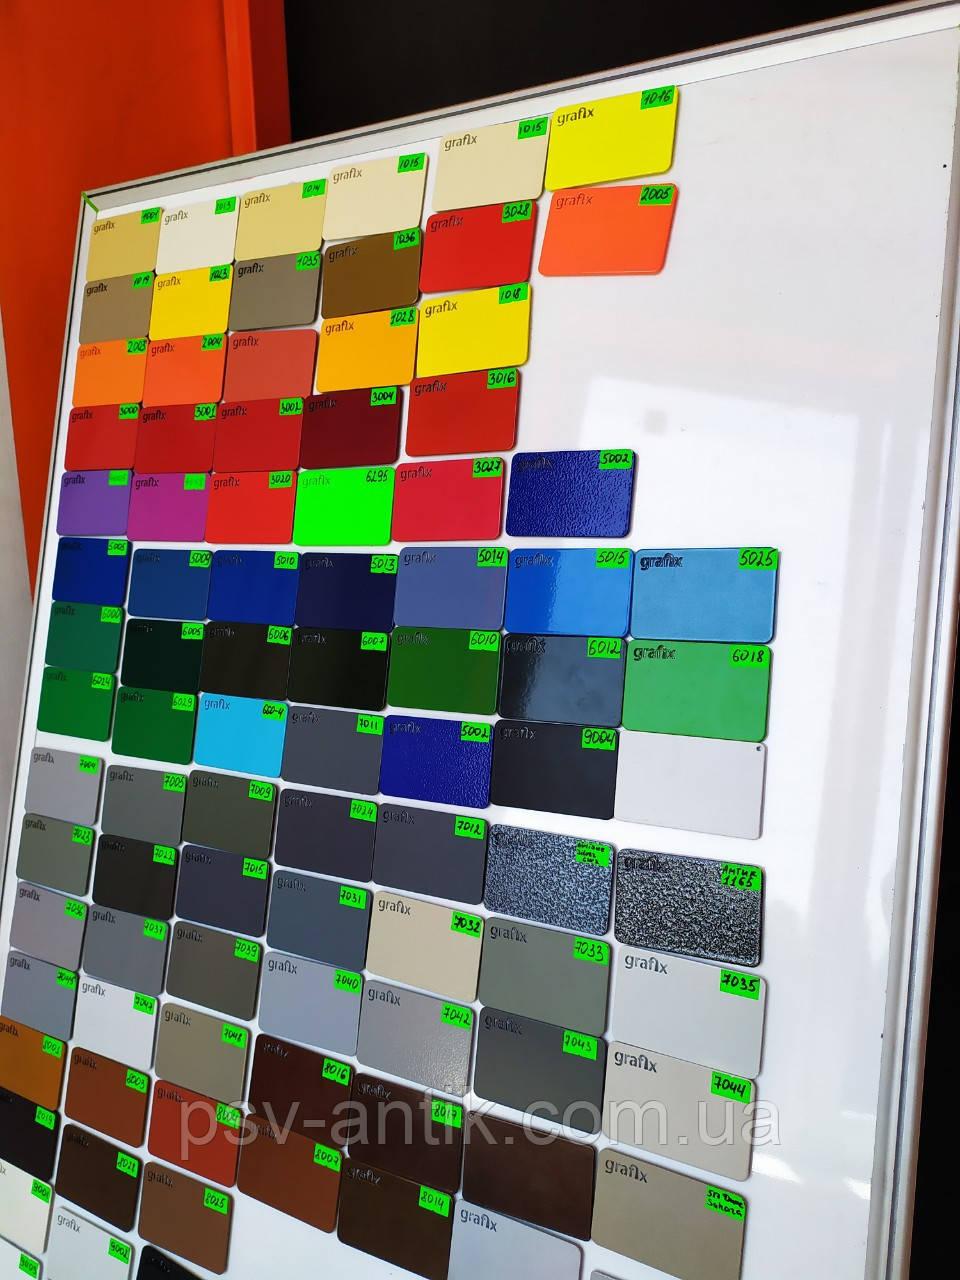 Порошковая краска полу-глянцевая, полиэфирная, архитектурная, 9003